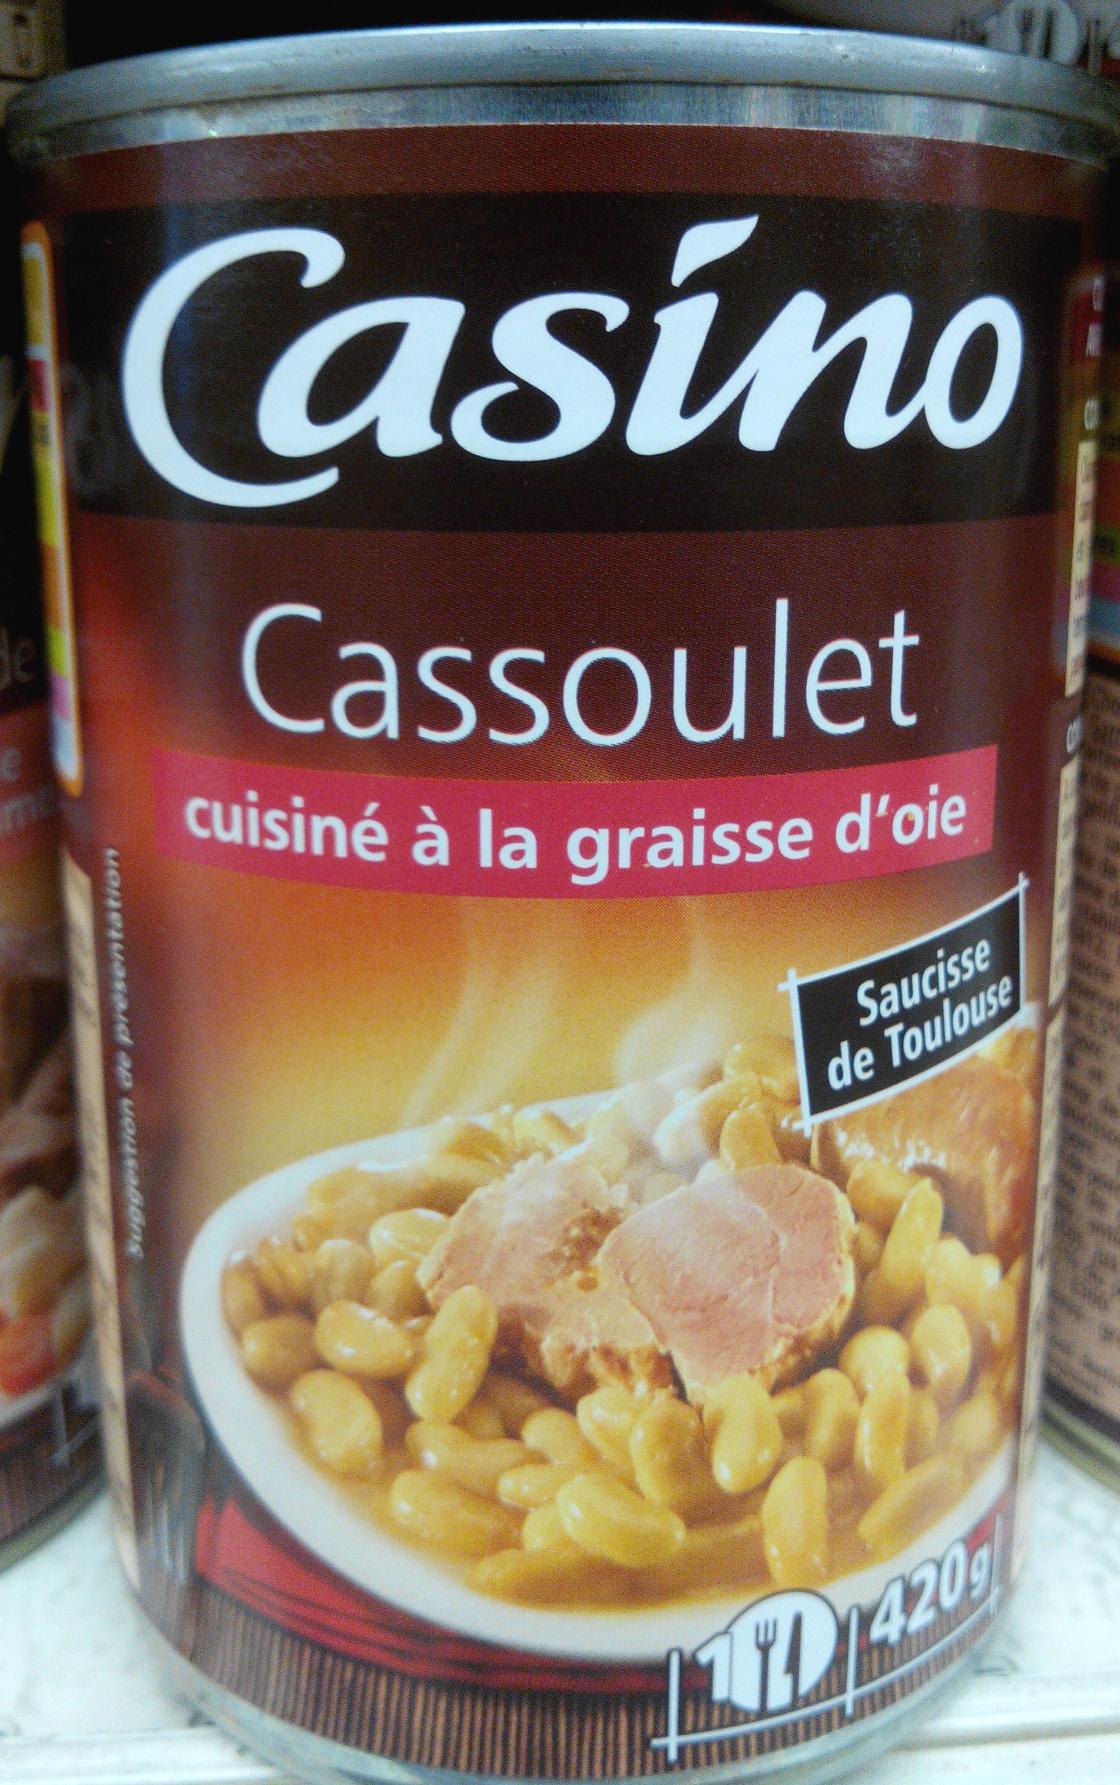 Cassoulet cuisiné à la graisse d'oie - Product - fr